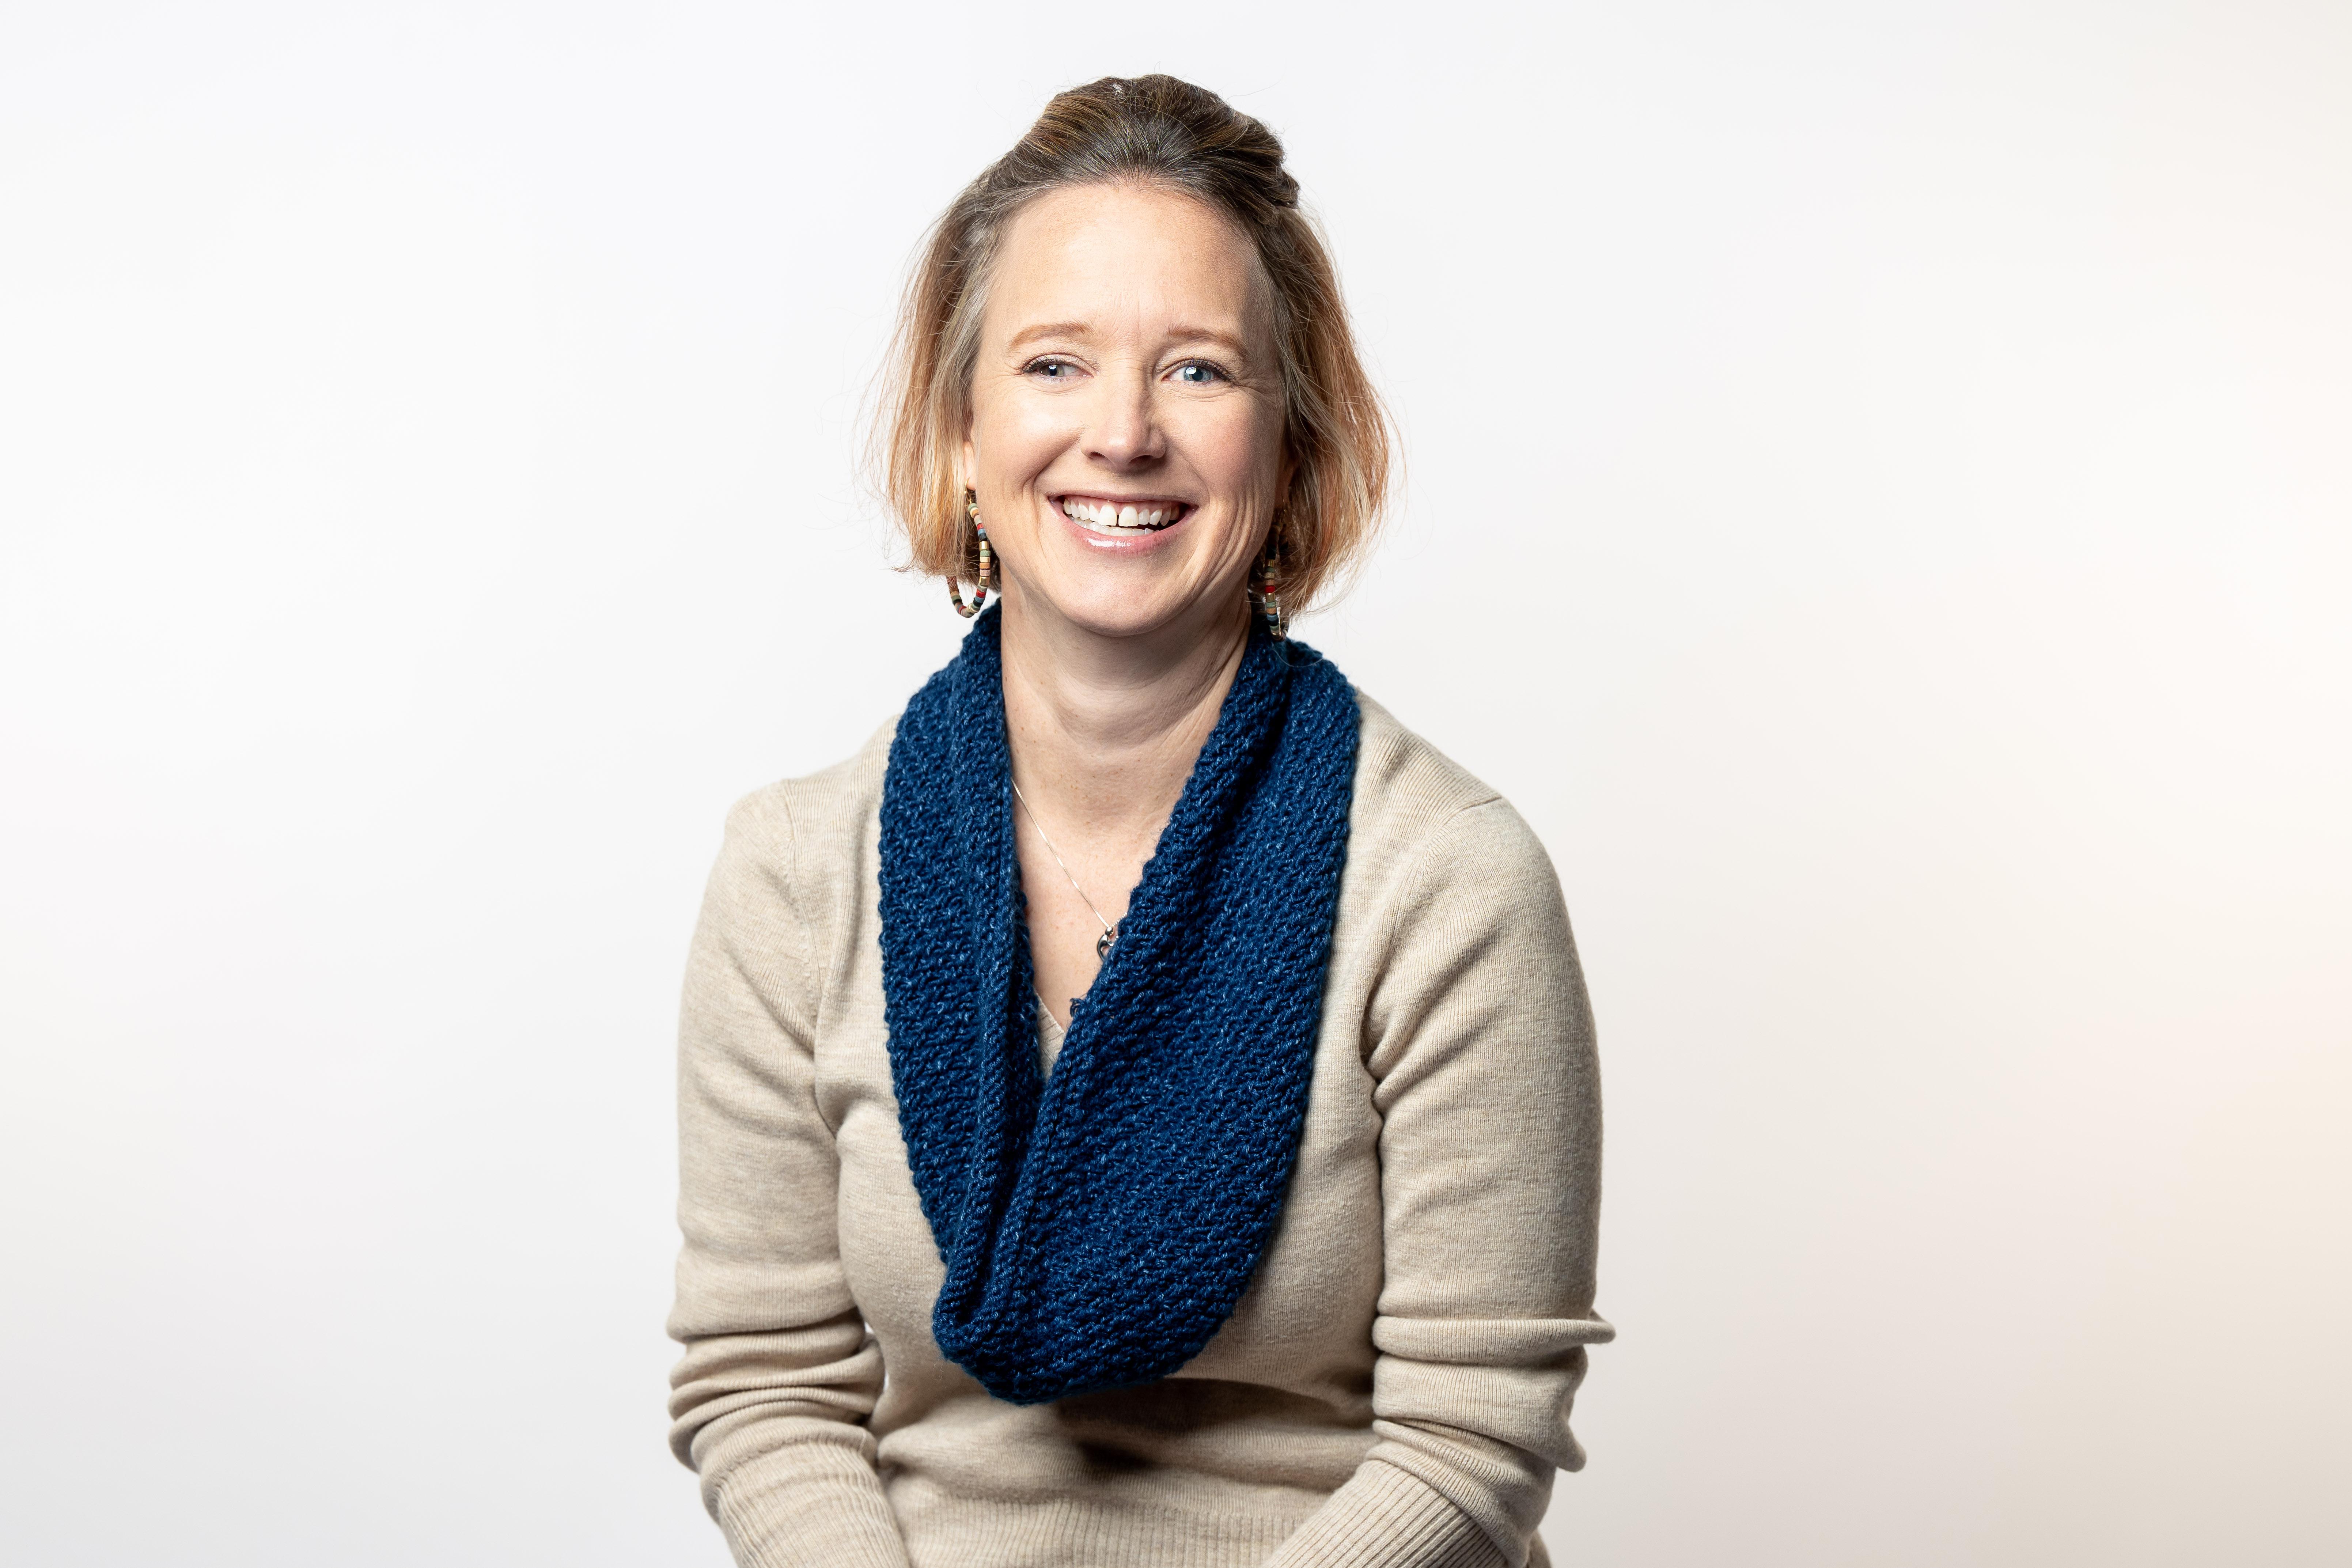 Heather Nylin